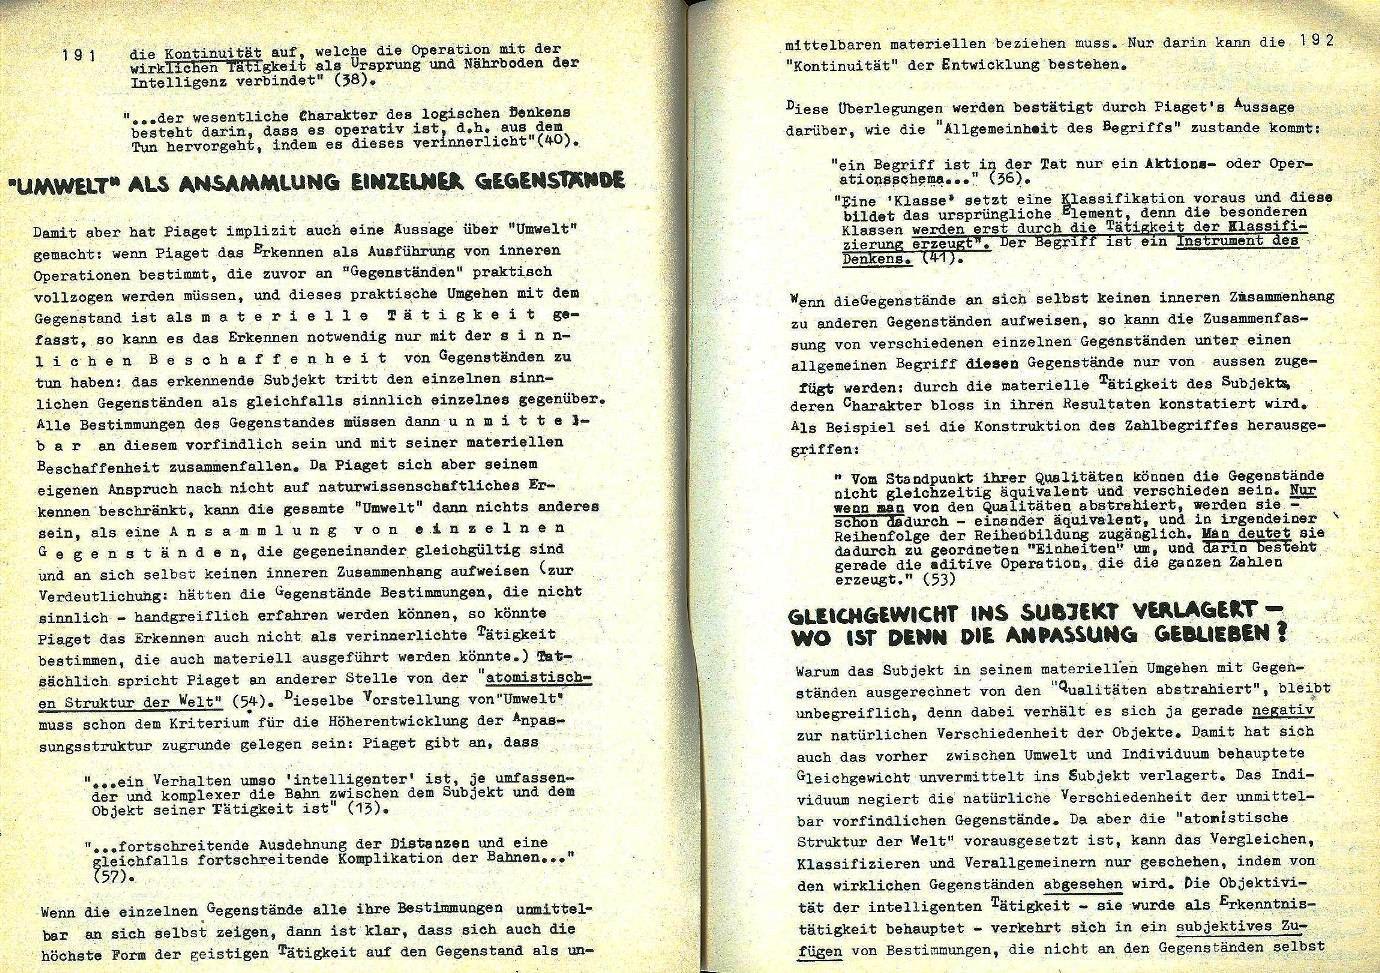 Muenchen_AK_Sozialistisches_Studium100